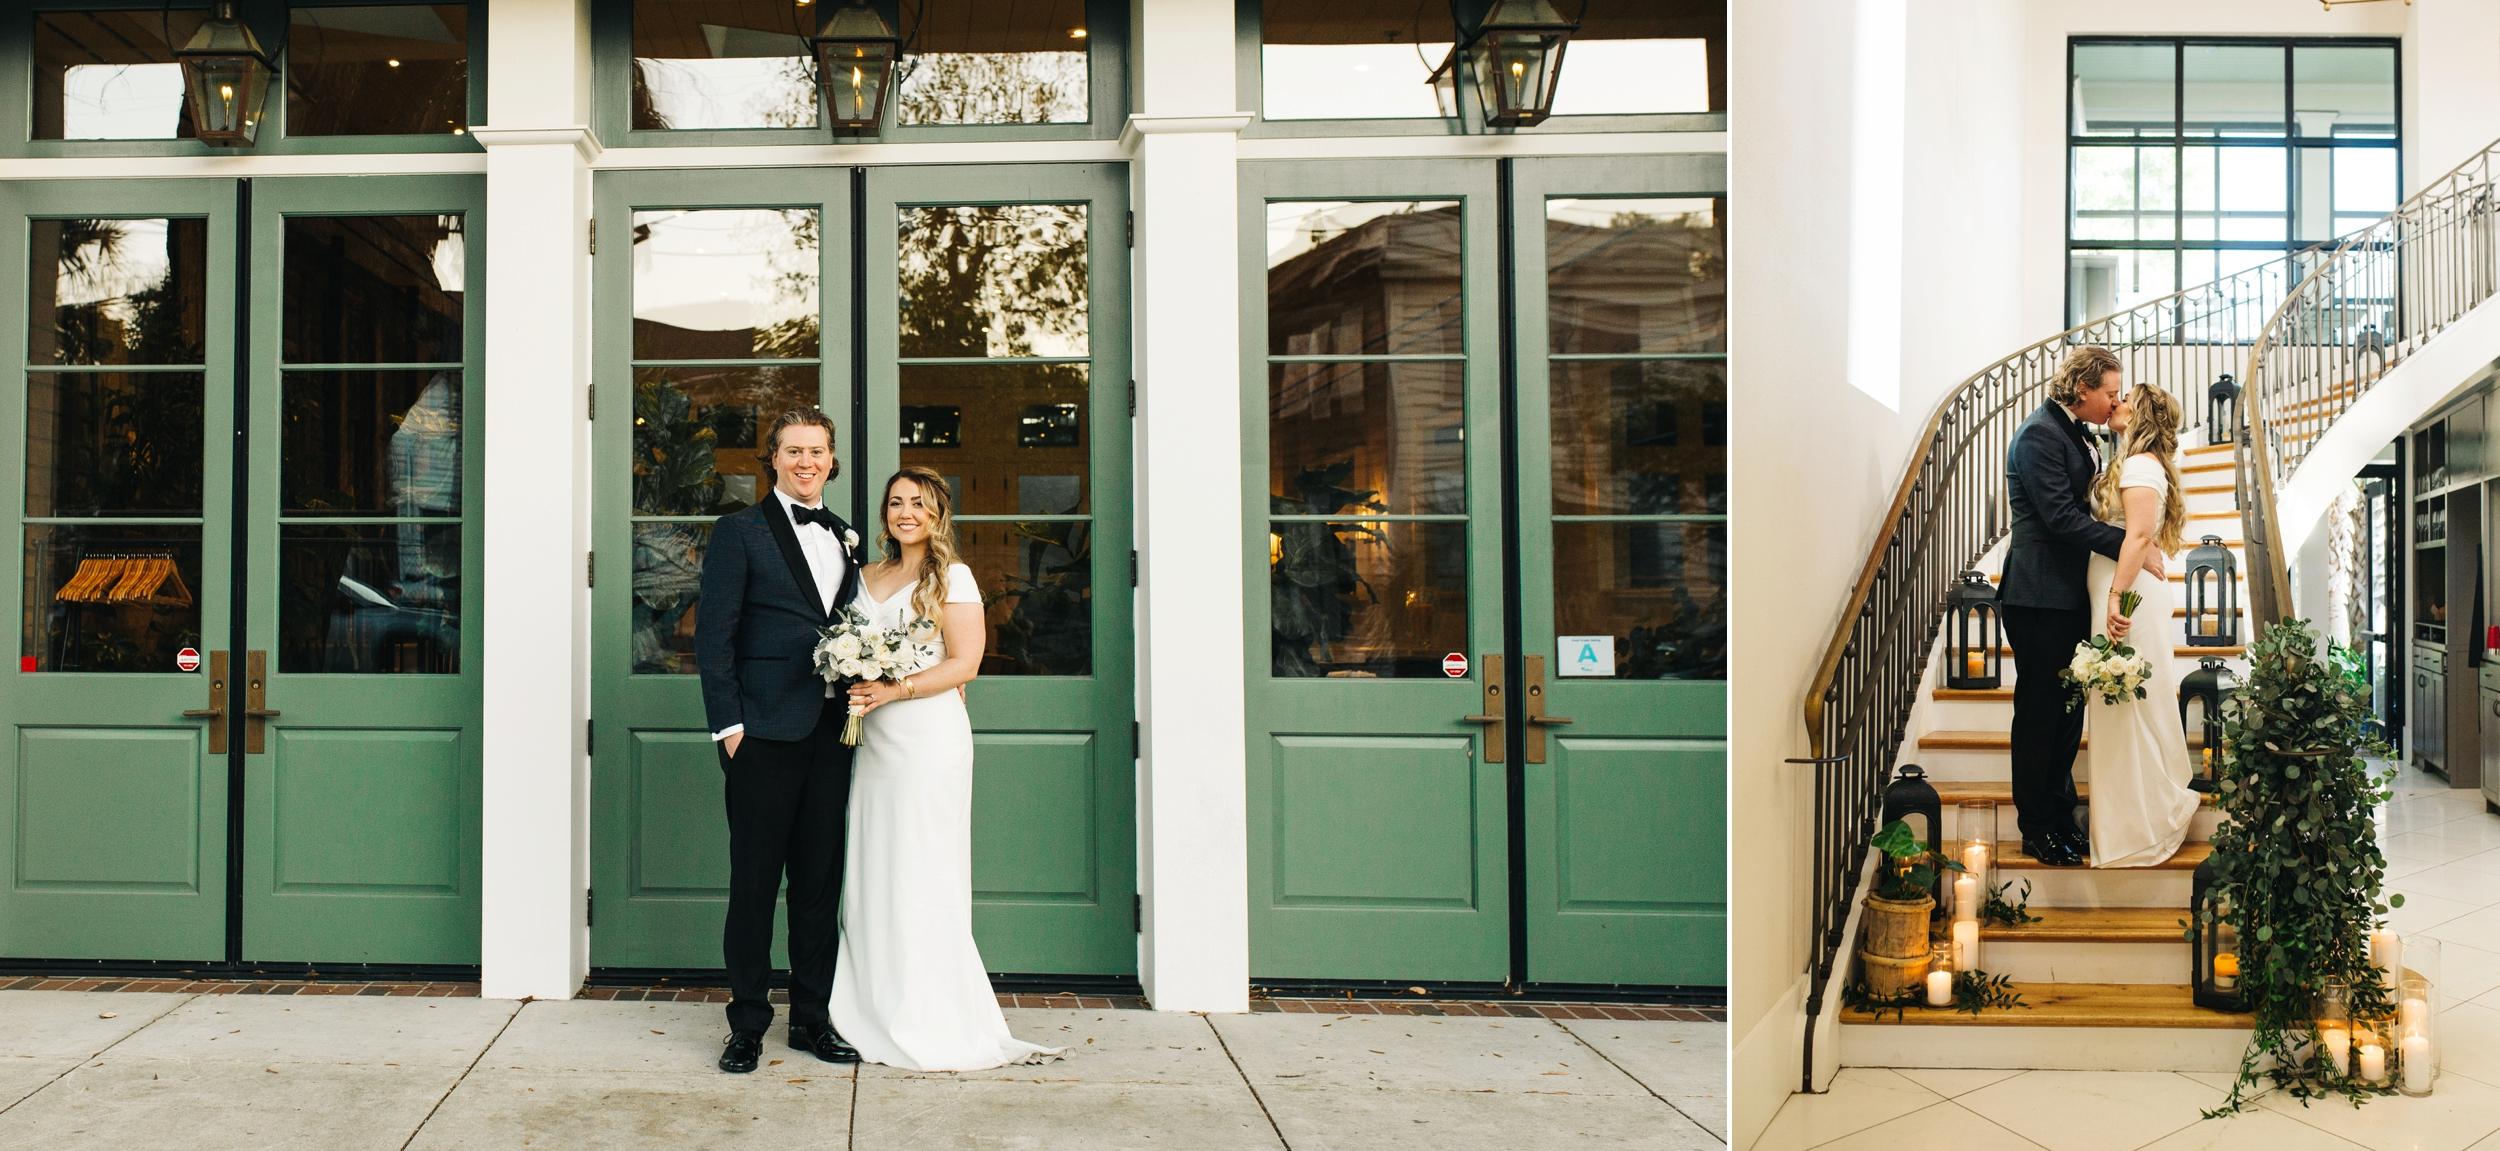 CannonGreenWedding-CharlestonWeddingPhotographer_0028.jpg